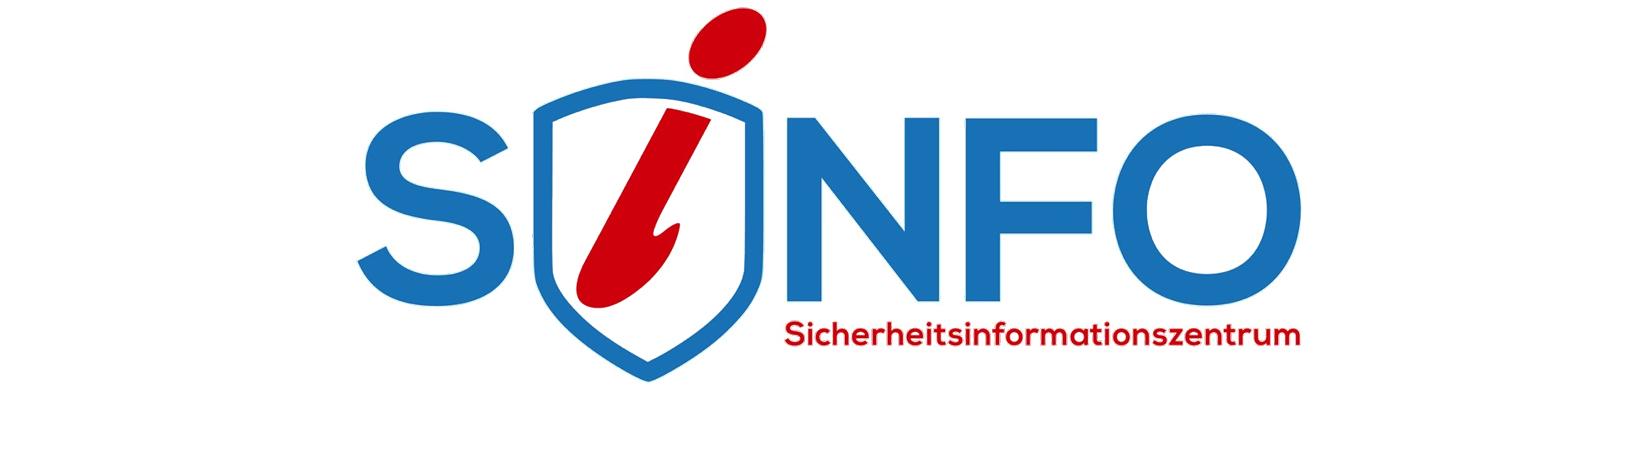 newSINFO-logo-freigestellt-angepasst Kopie